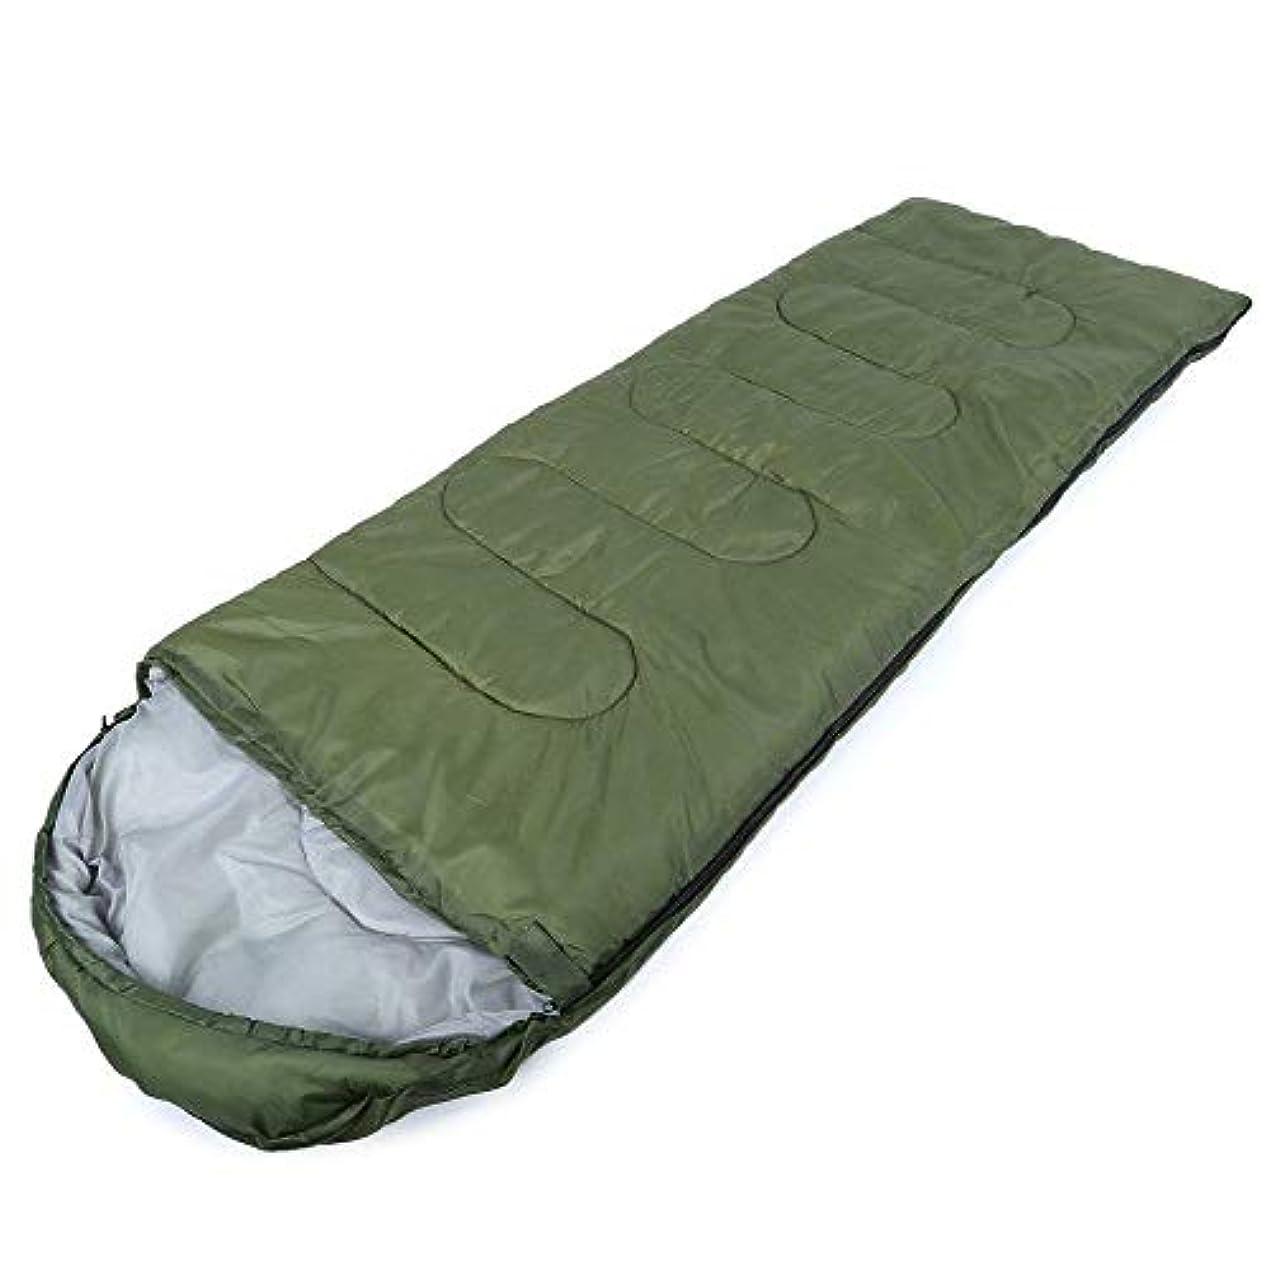 誓う雇用私たちTCSPD Multifuntional屋外熱寝袋封筒フード付き旅行キャンプは暖かい防水寝袋レイジーバッグをキープ (色 : 緑)